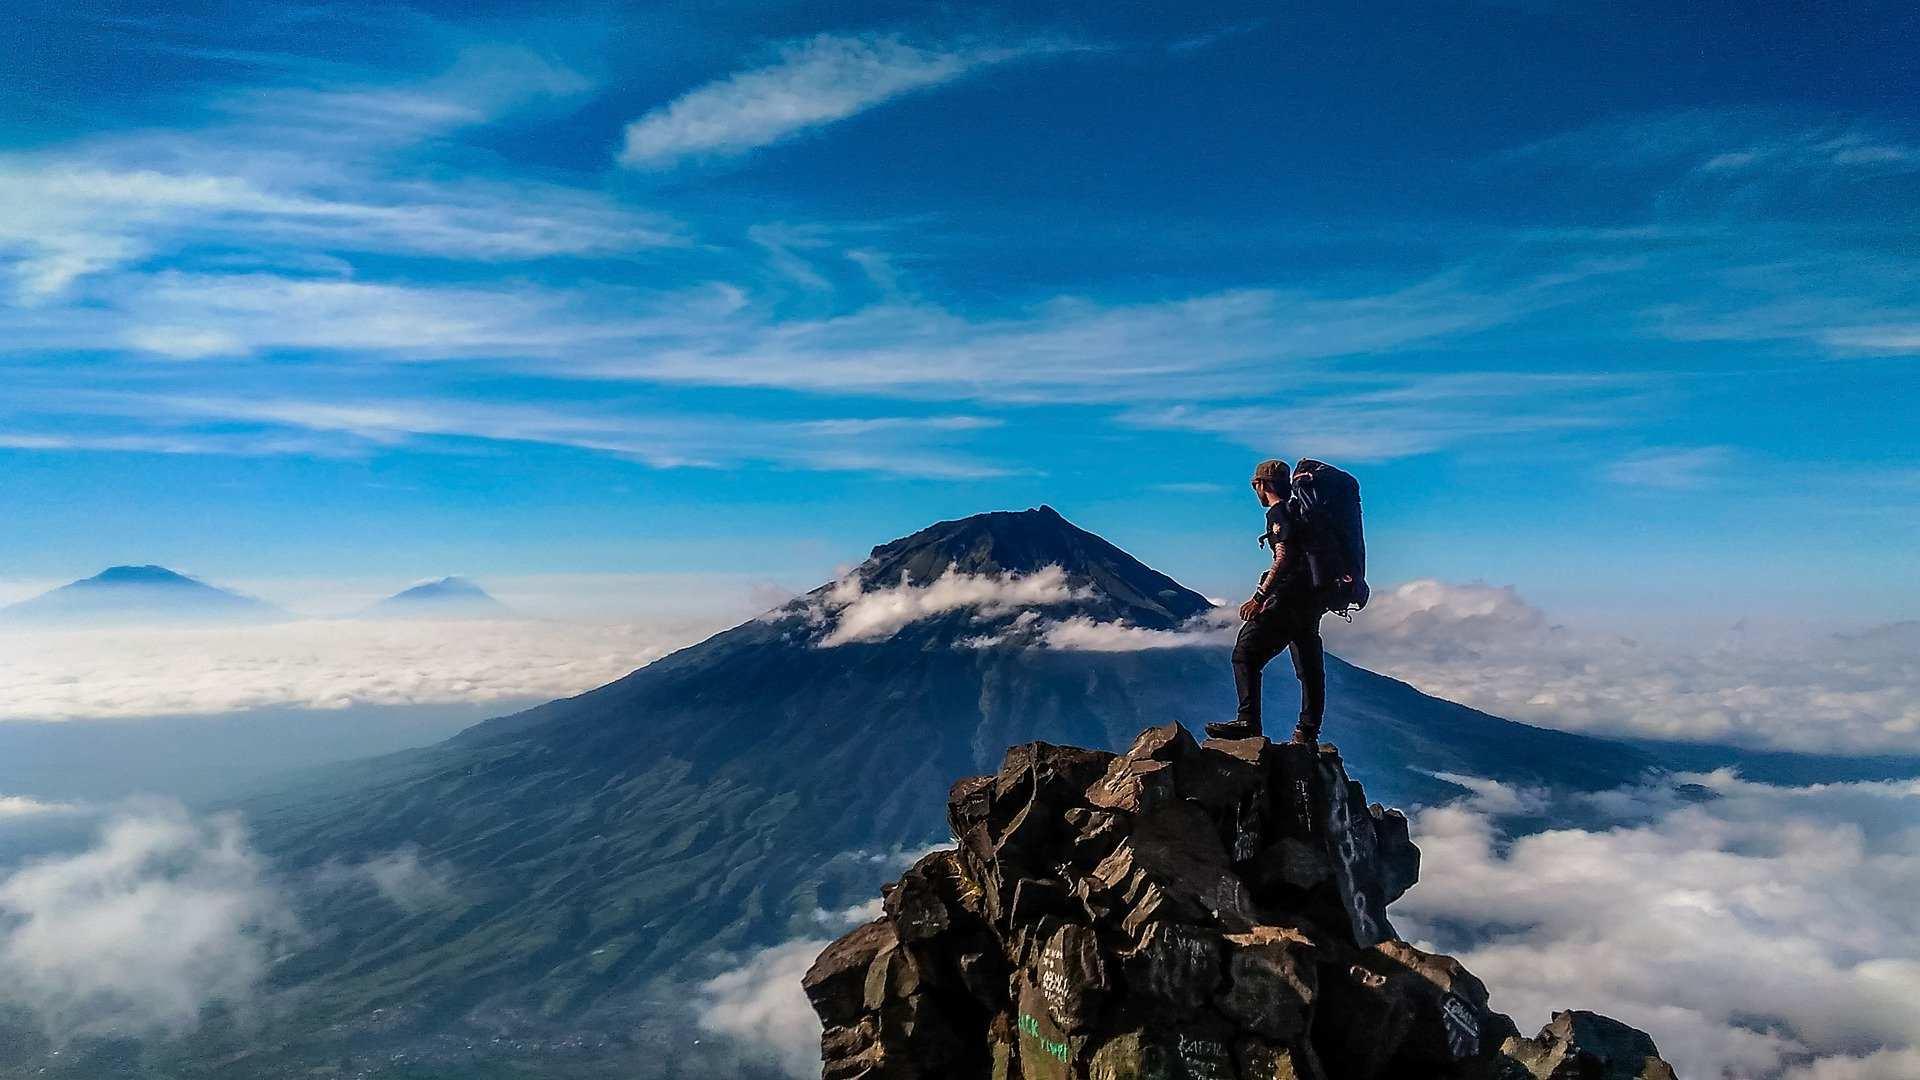 Mann auf Berggipfel